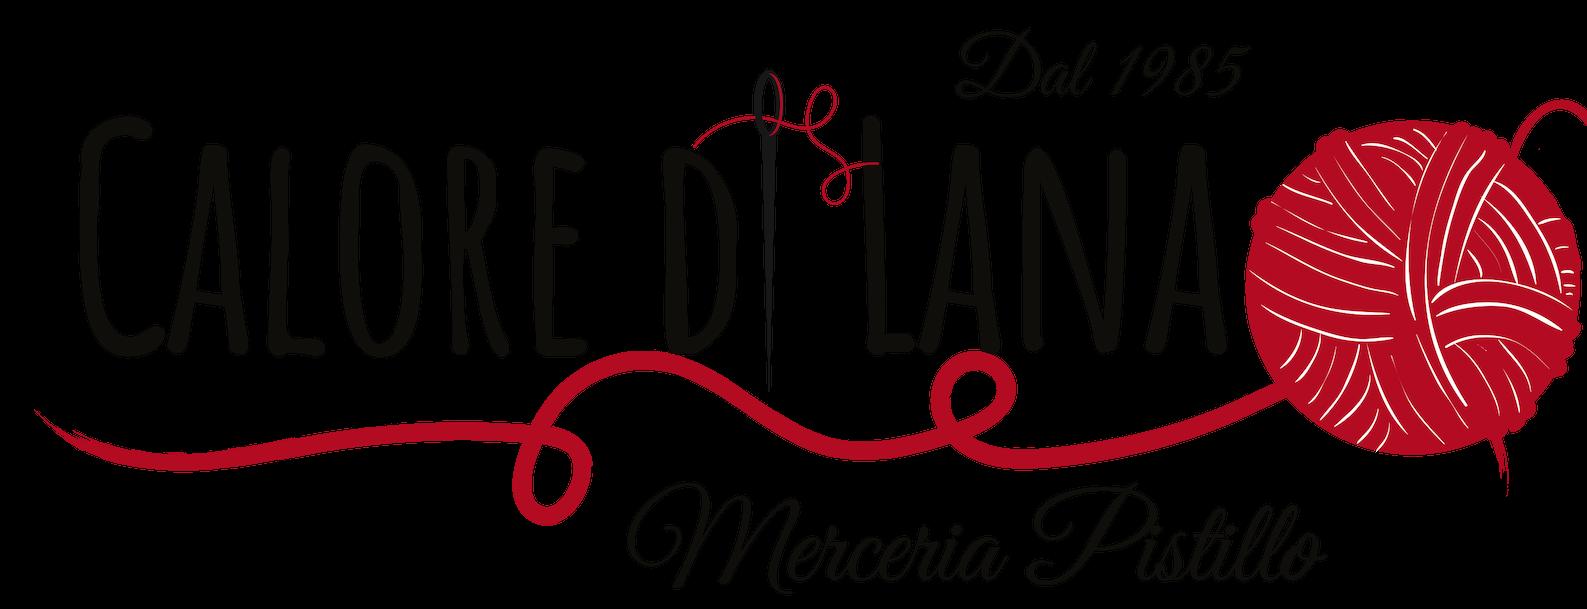 Calore di Lana | La bottega che cercavi… a portata di click!